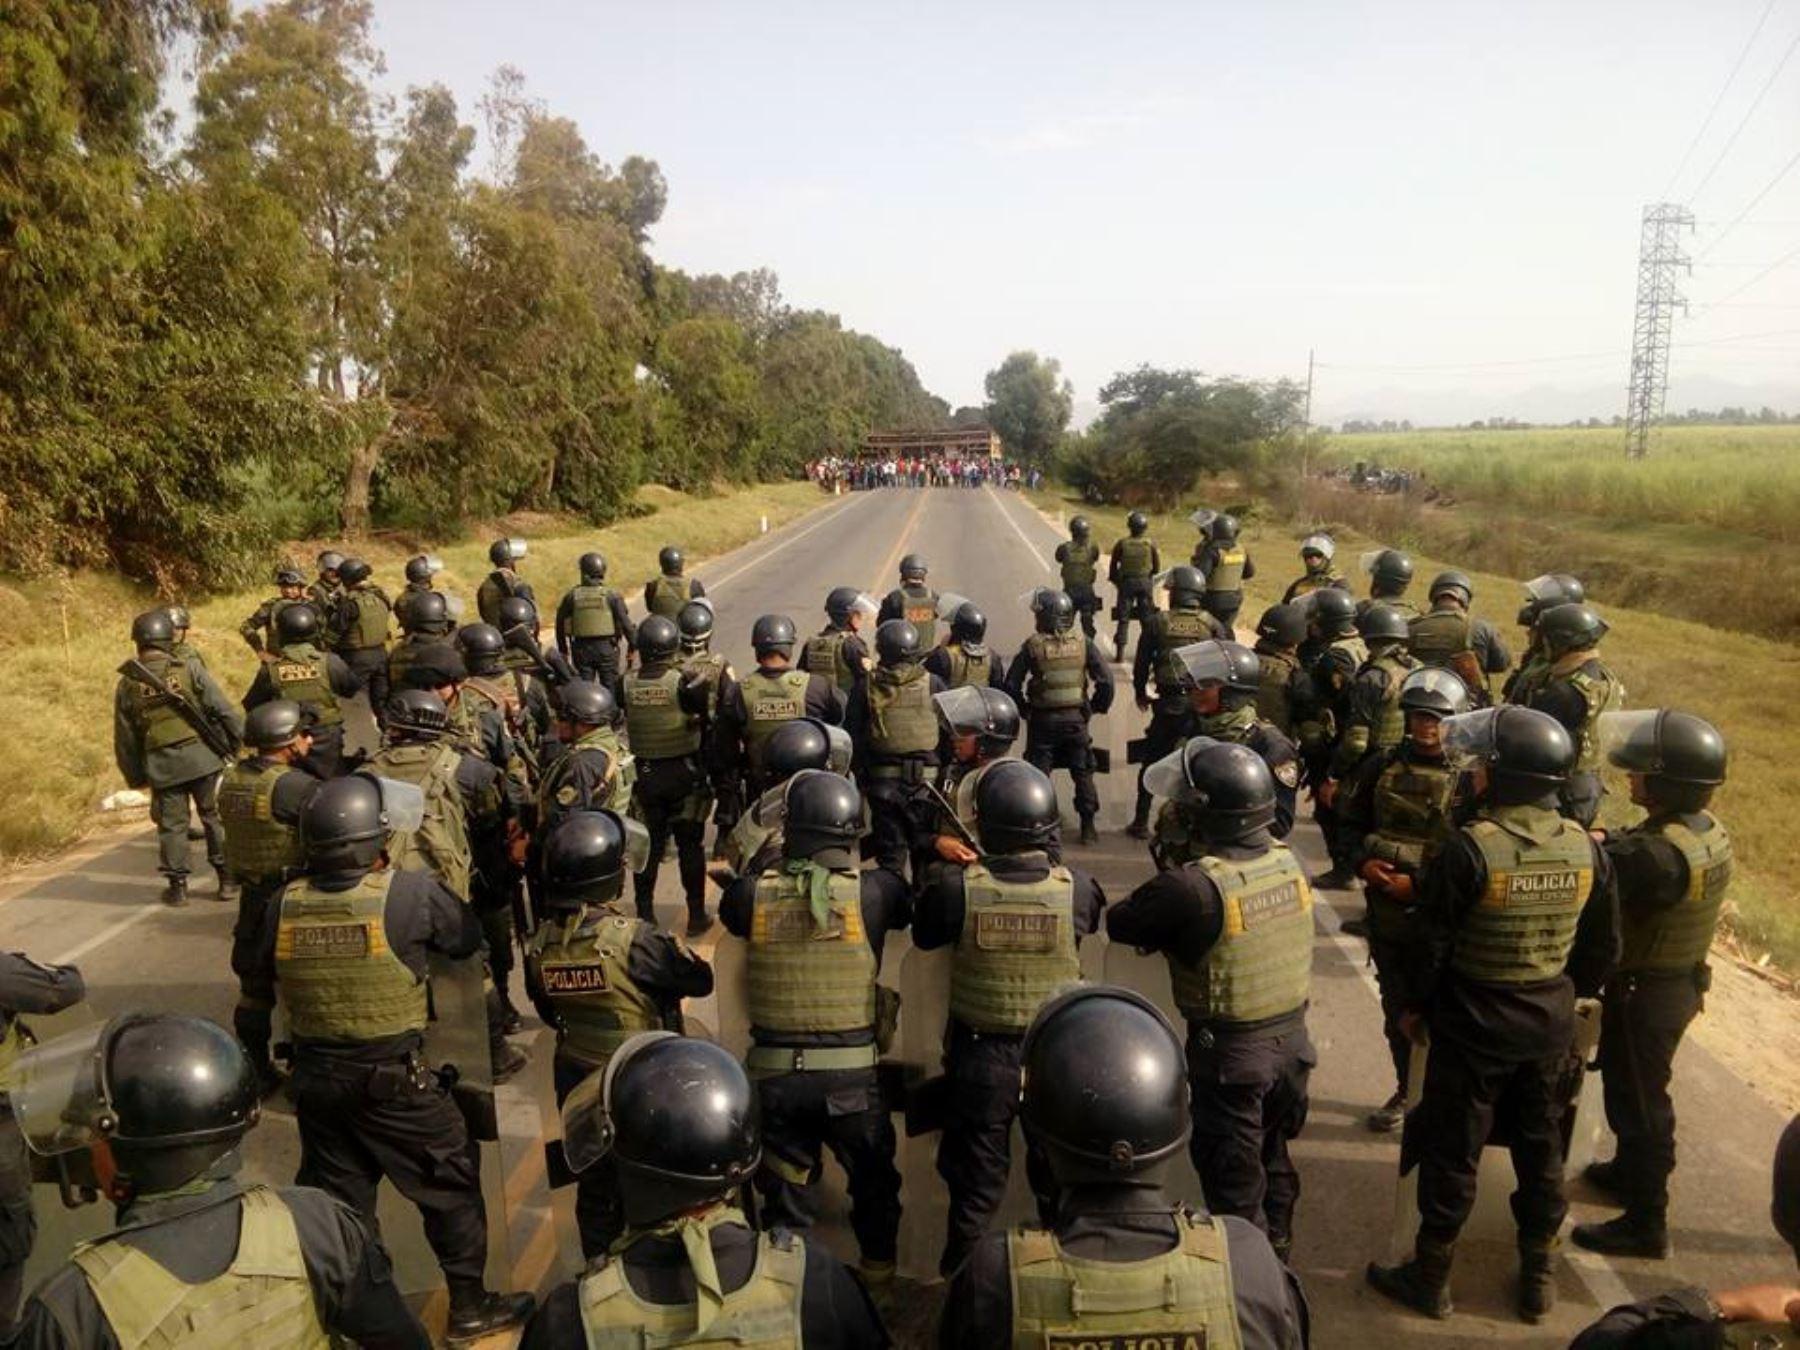 El año de la pandemia: ¿qué abordamos sobre seguridad ciudadana?